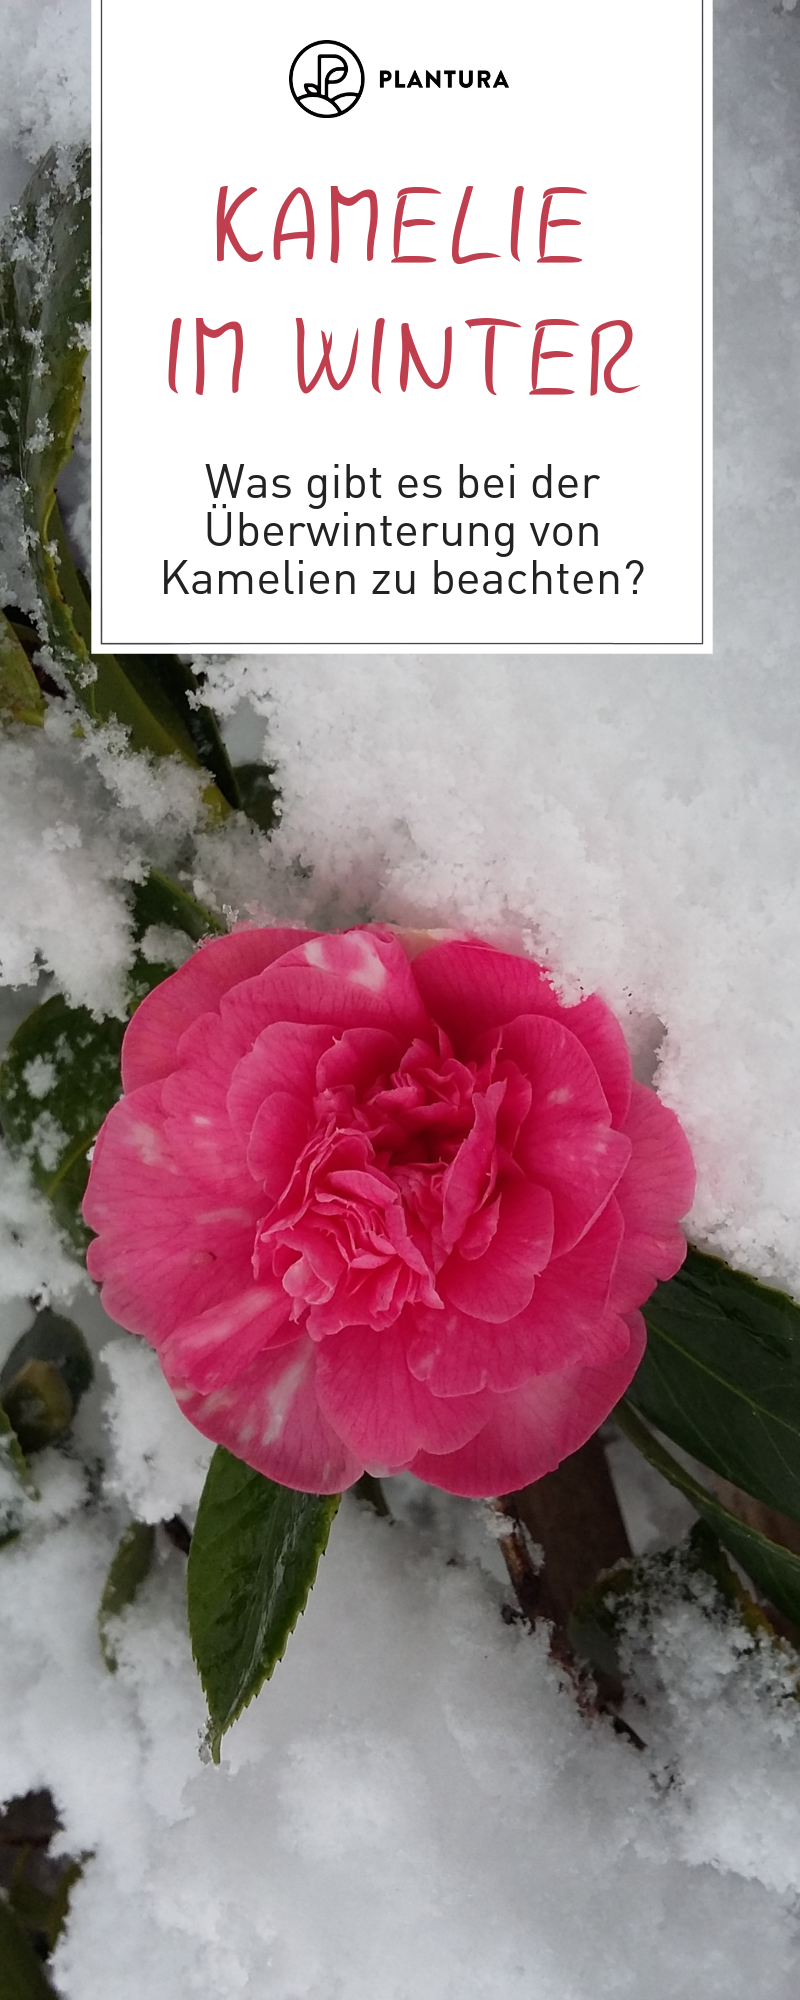 Kamelien Im Winter Kamelien Werden Auch Die Rosen Des Winters Genannt Und Sorgen Im Winter Fur Farbe Im Gewachshaus Oder Im Wi Winterhart Winter Uberwintern